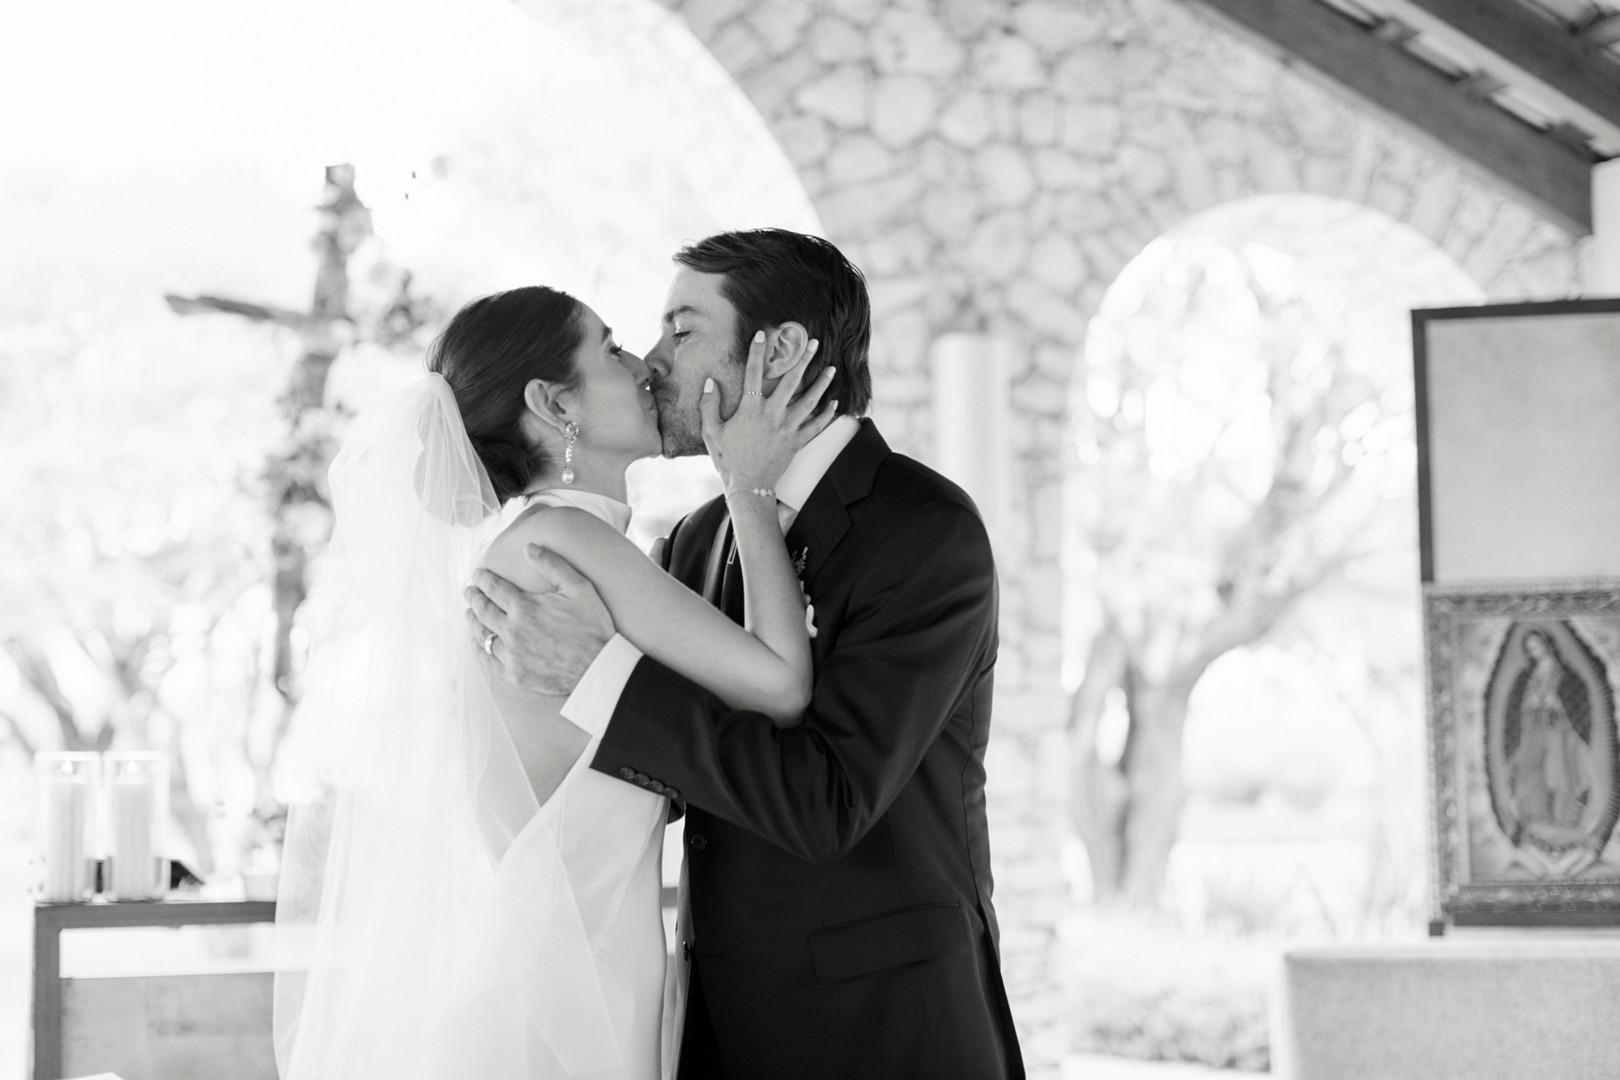 WEDDING_ANDREA_MATT_2019.5DM45498 1.jpg